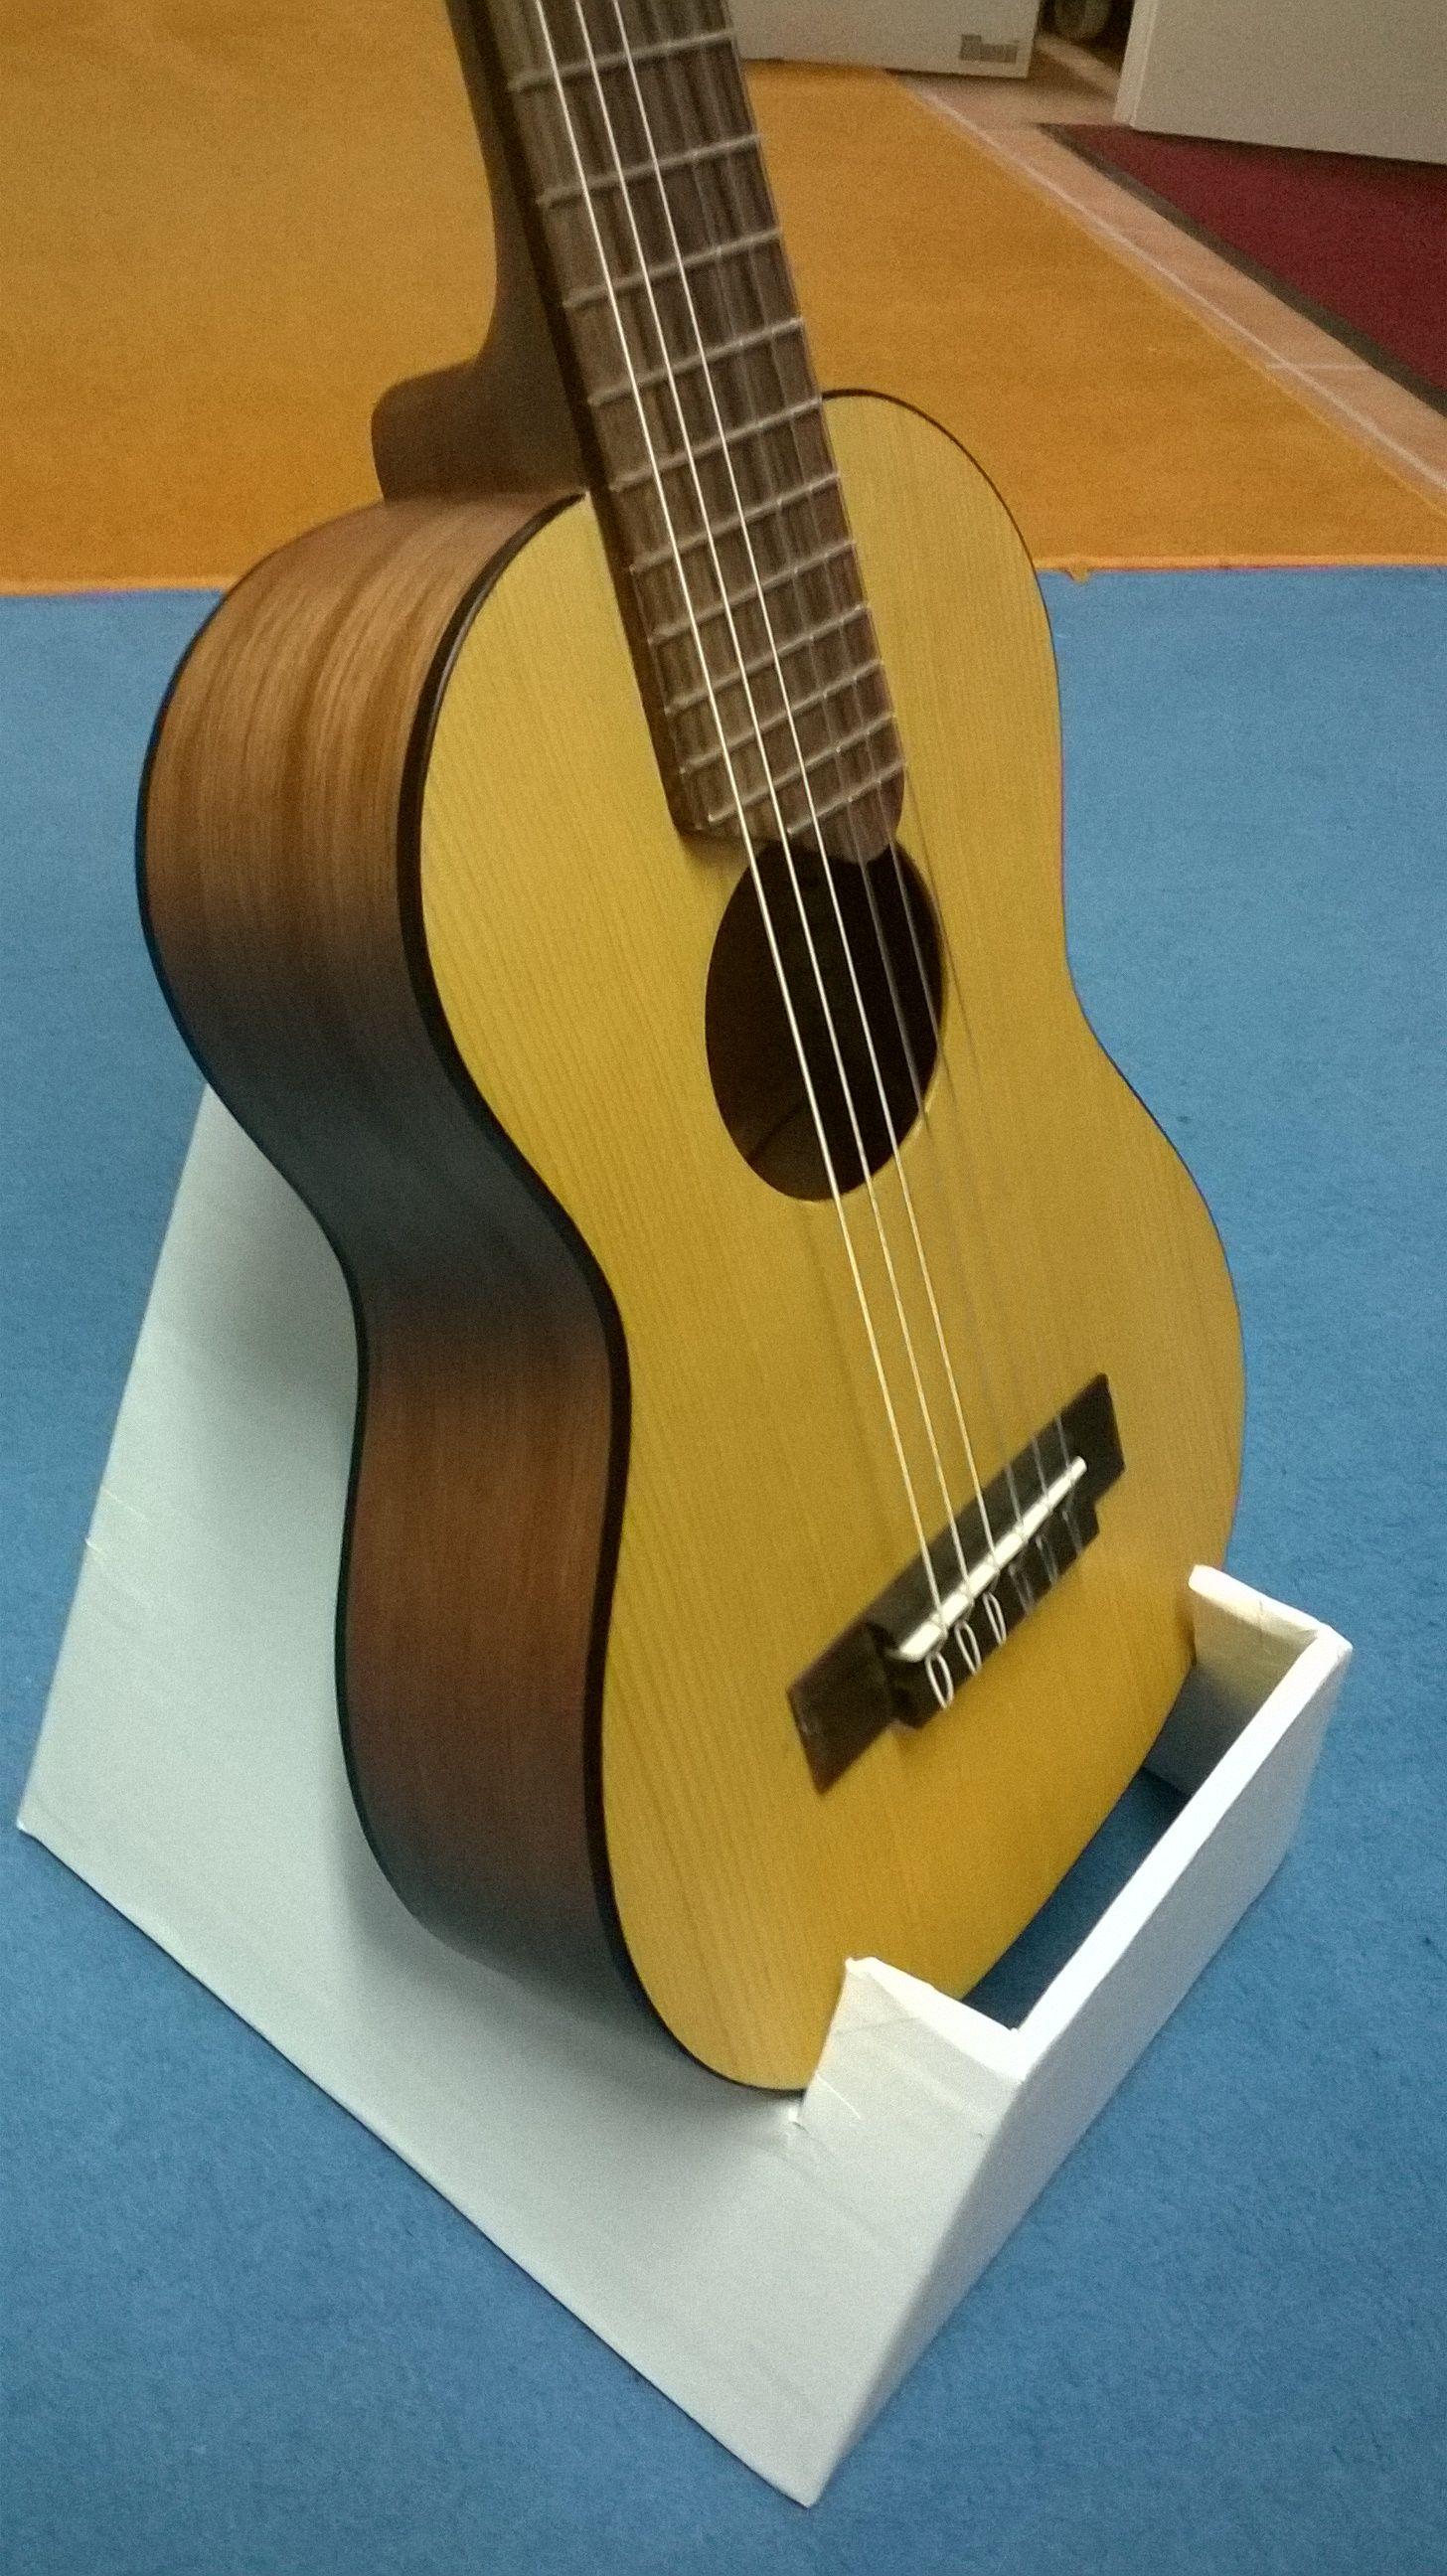 Diy Guitar Stand Cardboard Diy Pinterest Guitar Diy Guitar